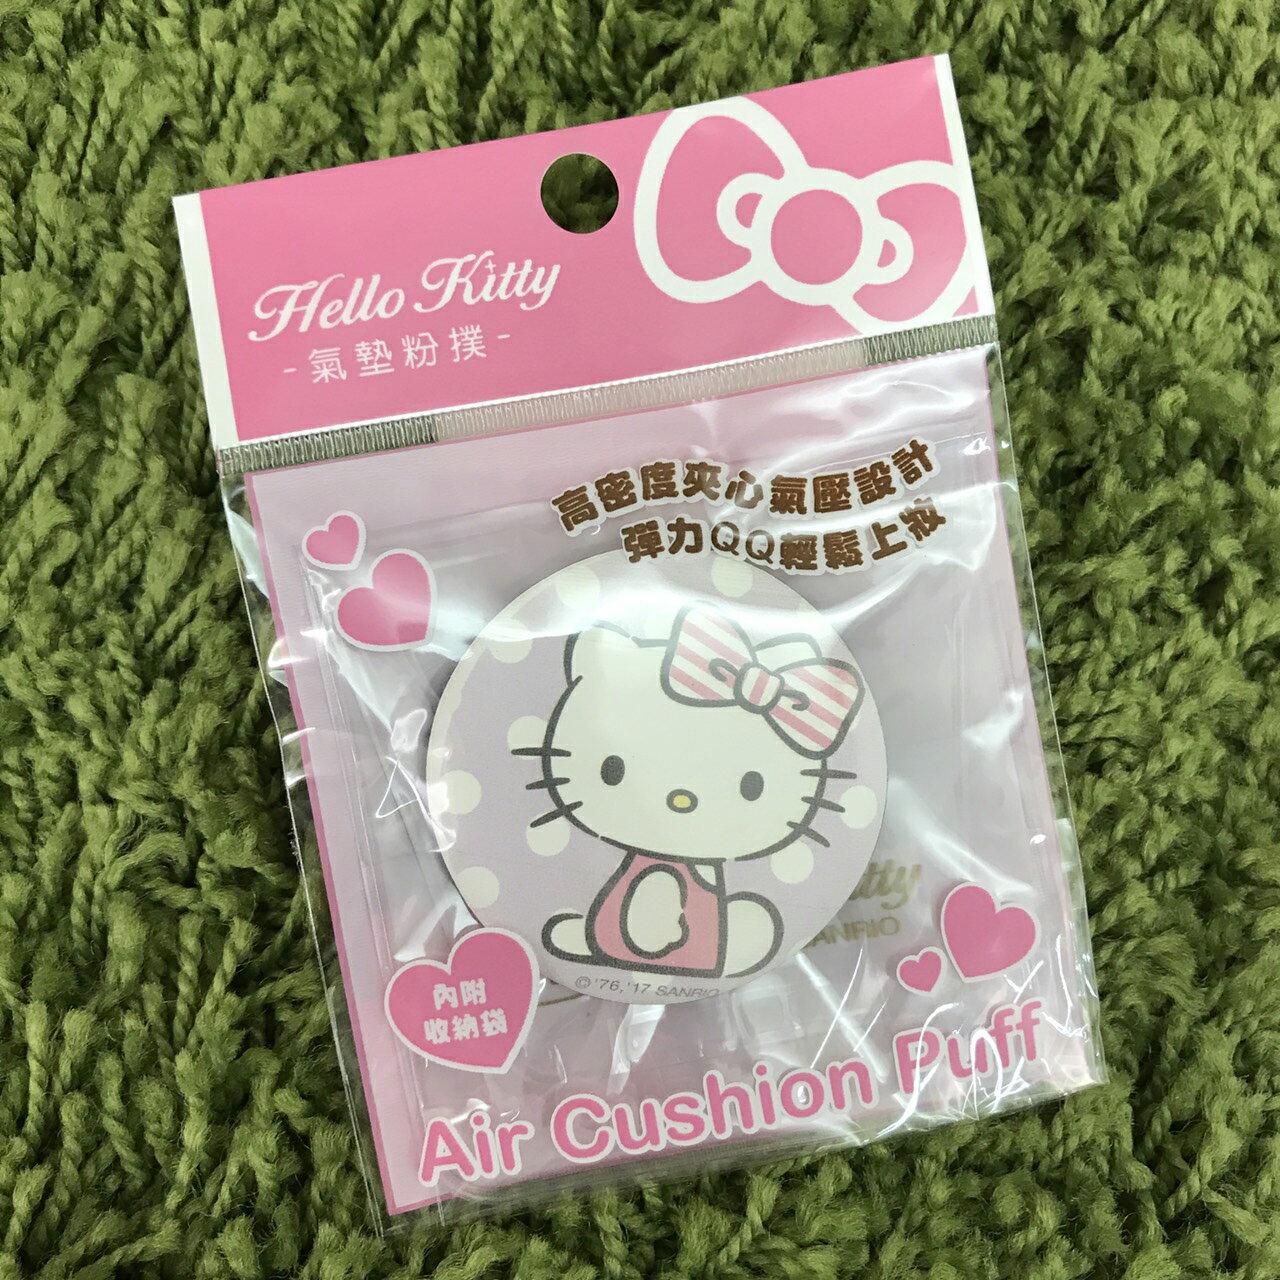 【唯愛日本】 17082500002 氣墊粉撲附收納袋-KT點點 三麗鷗 kitty 凱蒂貓 粉餅 美妝用品